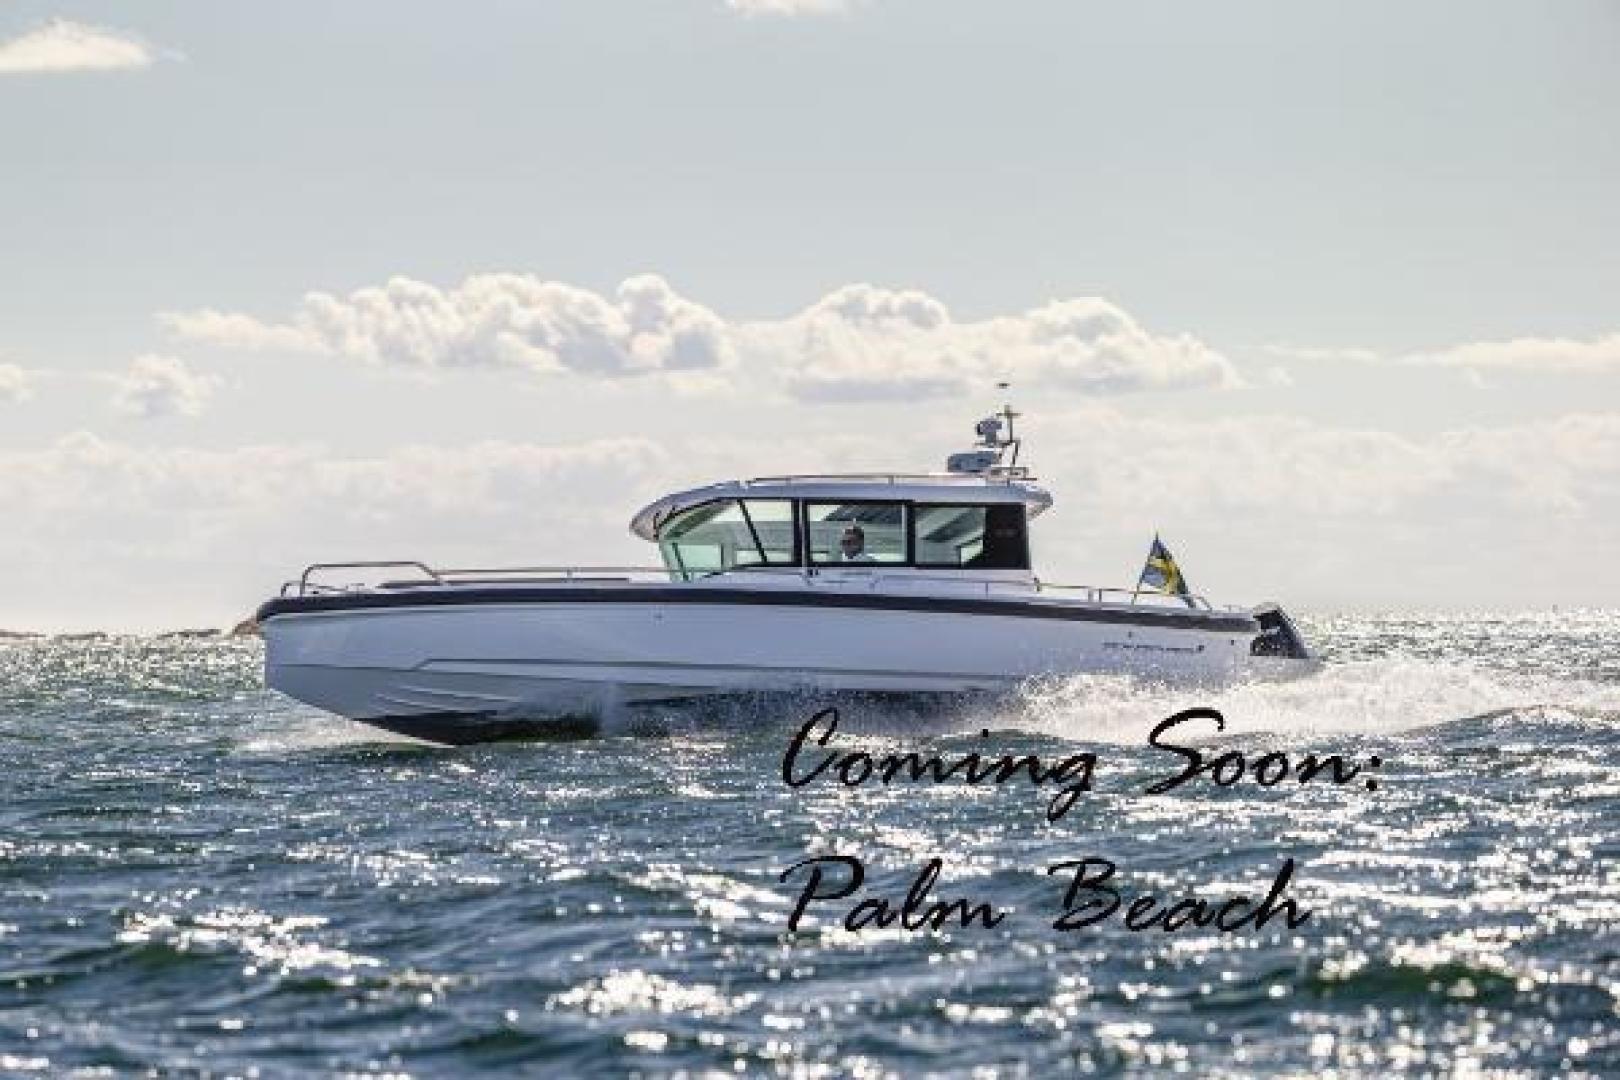 Axopar-28 CABIN 2020-Axopar 28 CABIN Palm Beach-Florida-United States-1531447 | Thumbnail